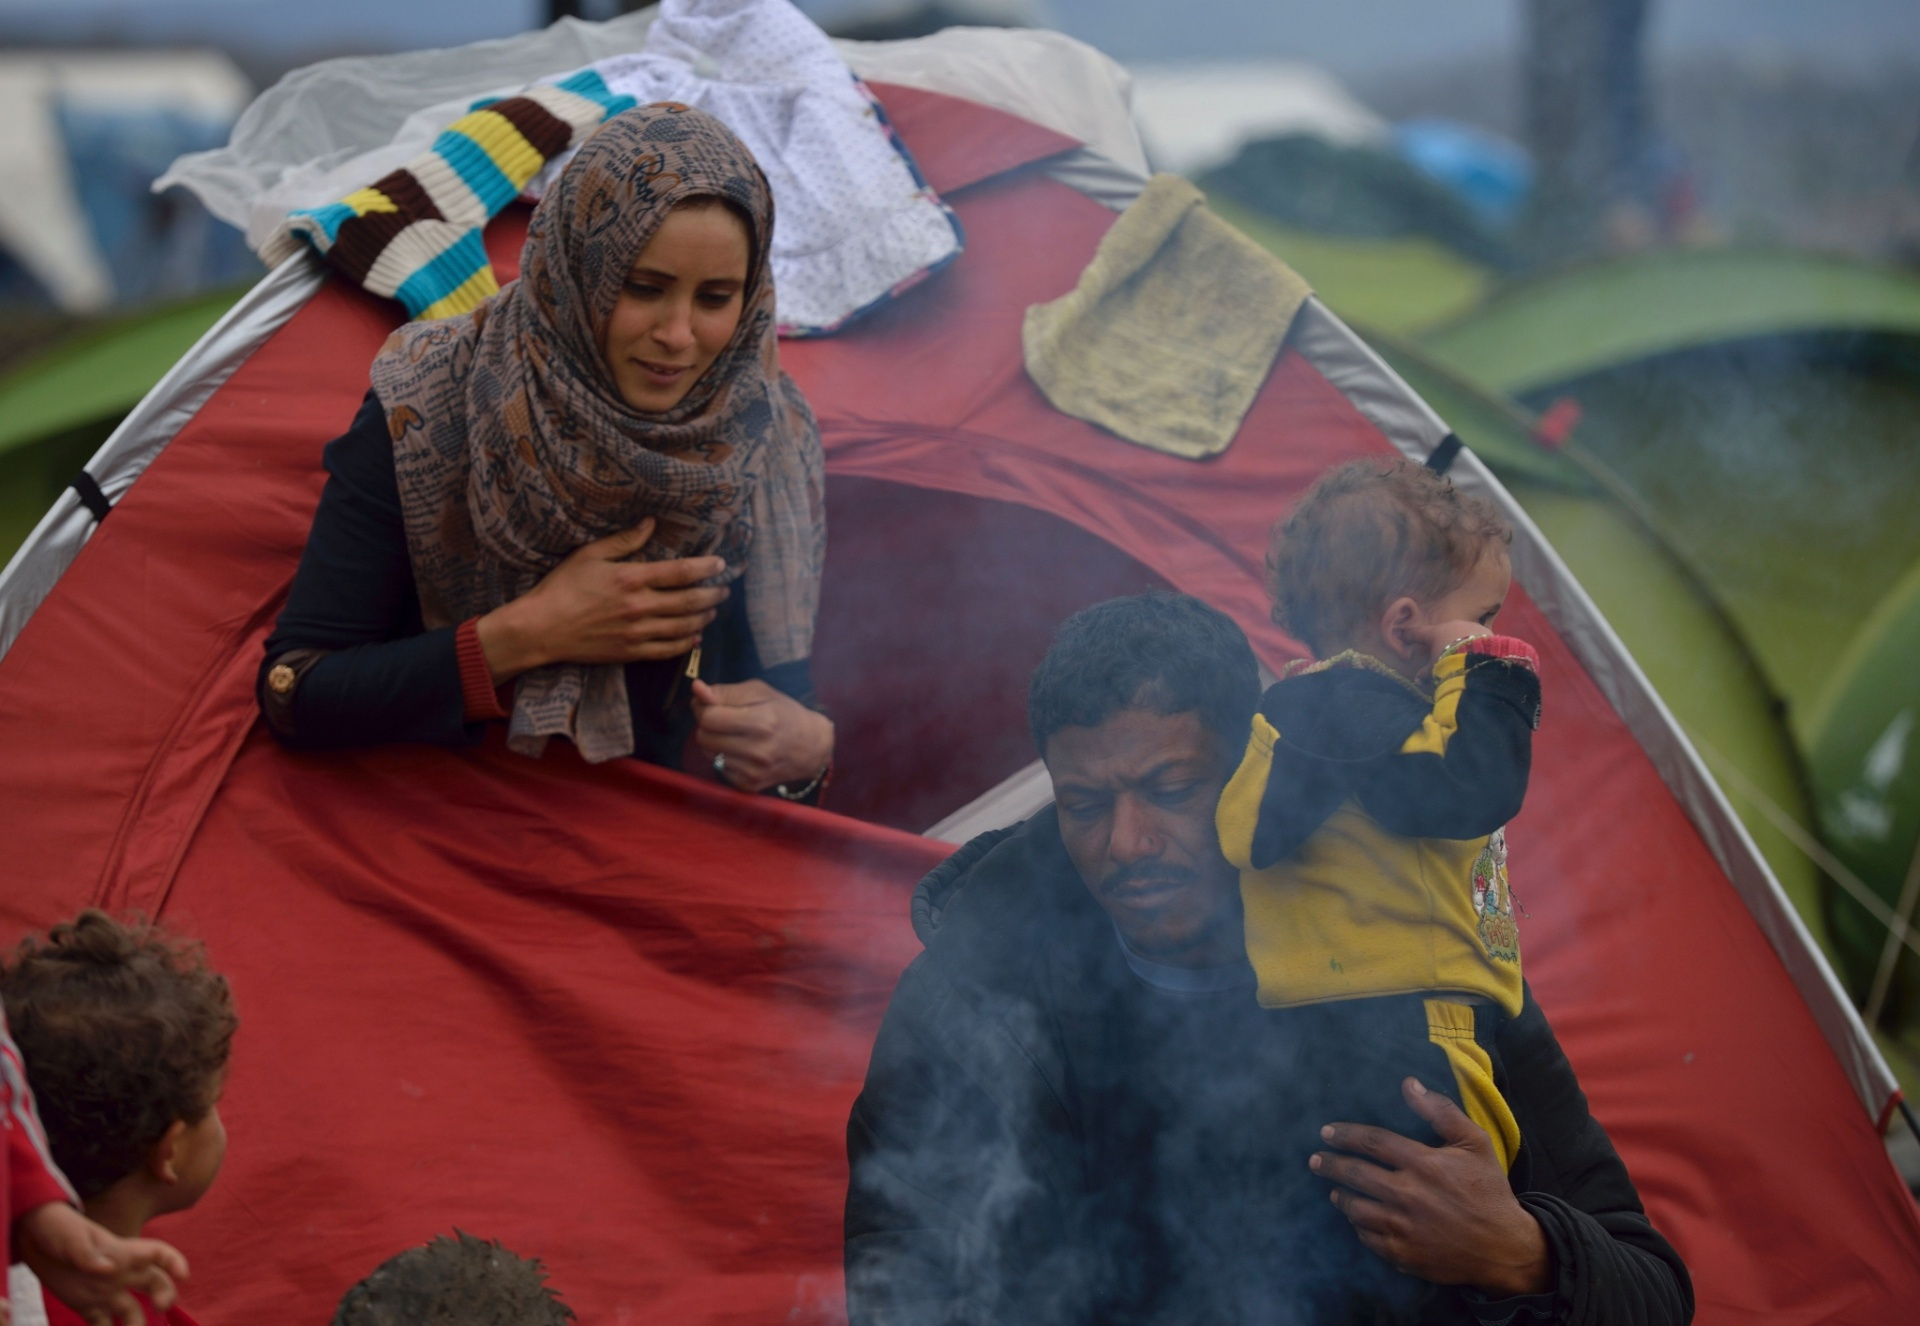 12.mar.2016 - Família começa o dia em acampamento improvisado na fronteira greco-macedónia, perto da aldeia grega de Idomeni, onde milhares de refugiados estão retidos por causa do fechamento das fronteiras nos Balcãs. Mais de 14.000 refugiados, principalmente sírios e iraquianos, incluindo muitas crianças, continuam acampados depois da Macedônia seguir Eslovênia e Sérvia e fechar as fronteiras, impedindo o avanço rumo a países do norte europeu. Trabalhadores de ajuda descrevem as condições no acampamento como